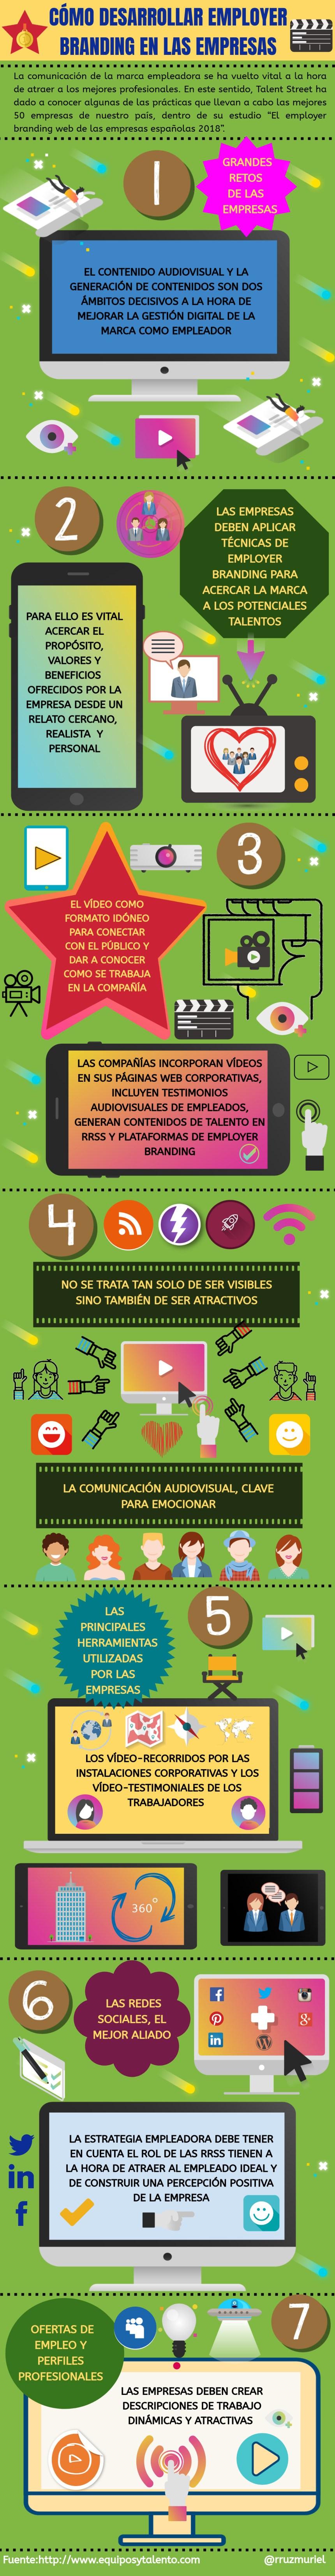 Cómo desarrollar employer branding en las empresas